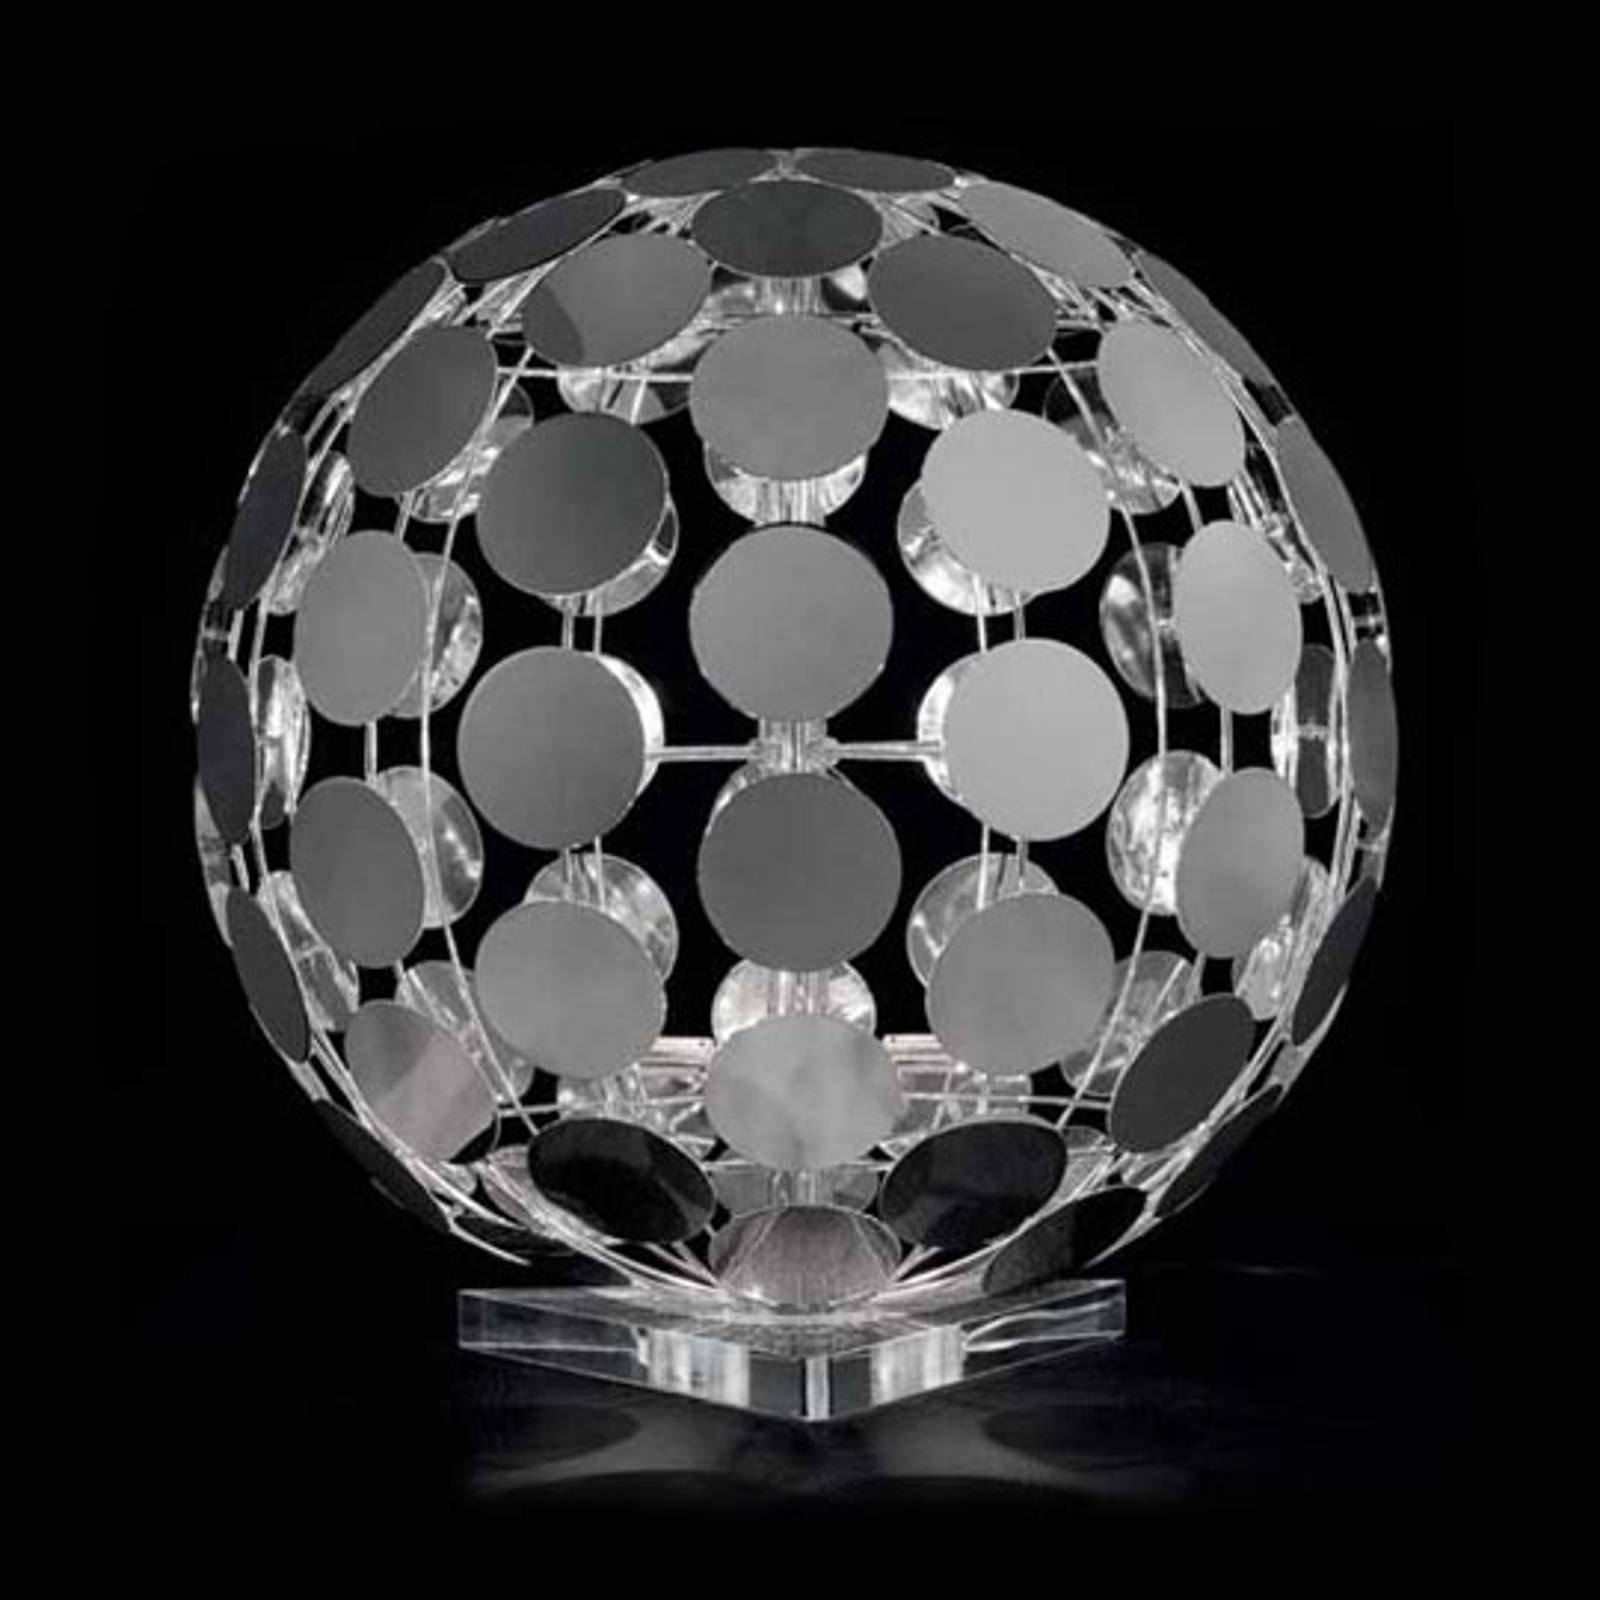 Sfera bordlampe med klar fot, 60 cm